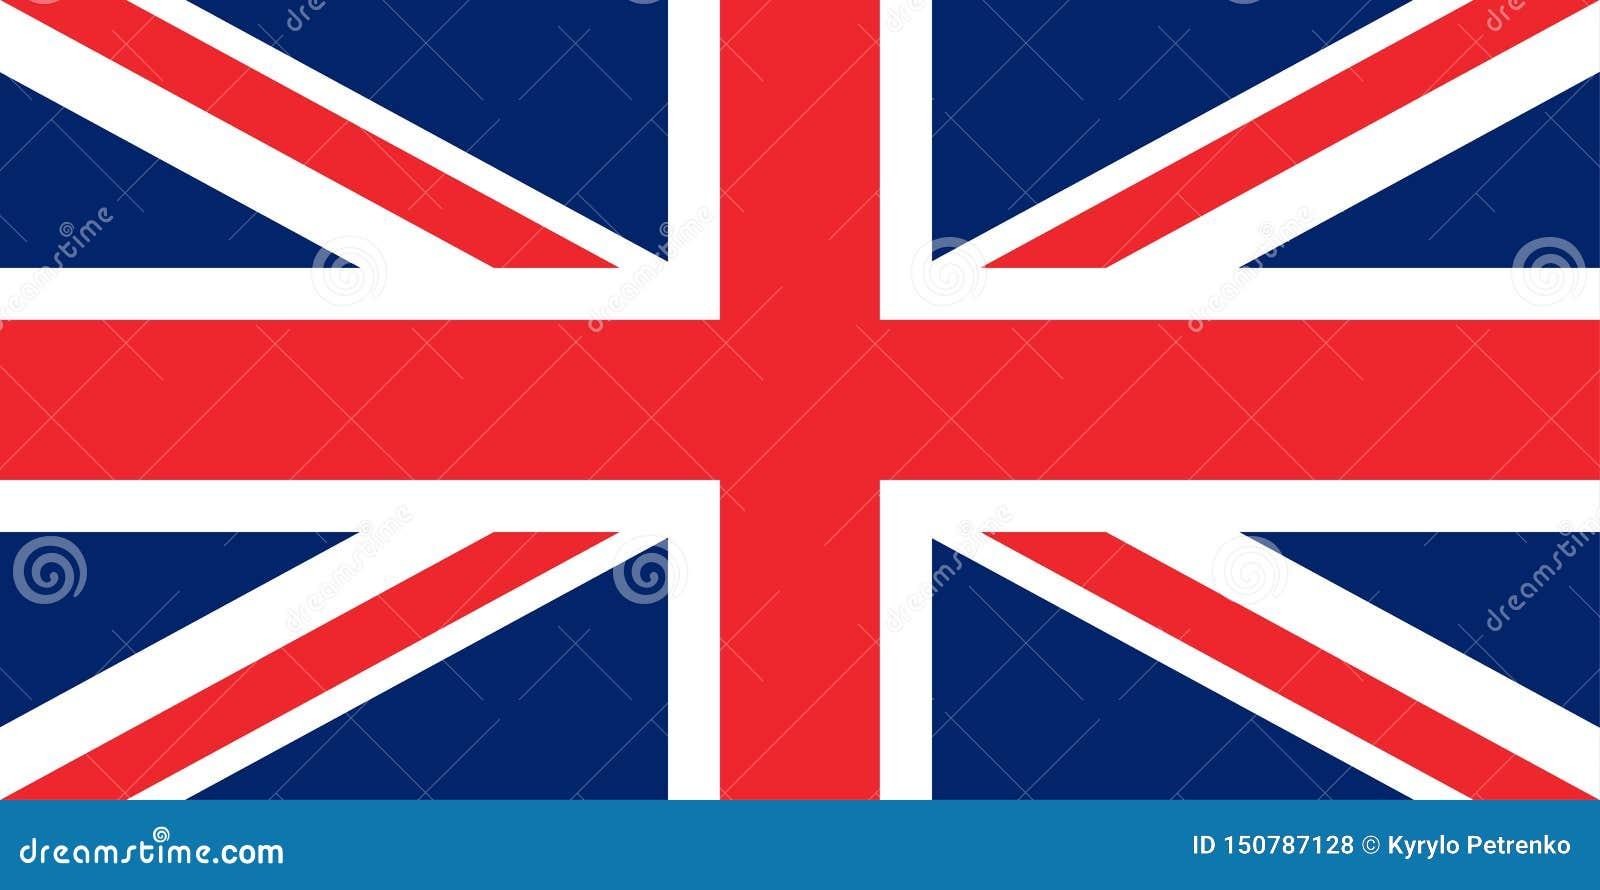 Drapeau des proportions originales de la Grande-Bretagne